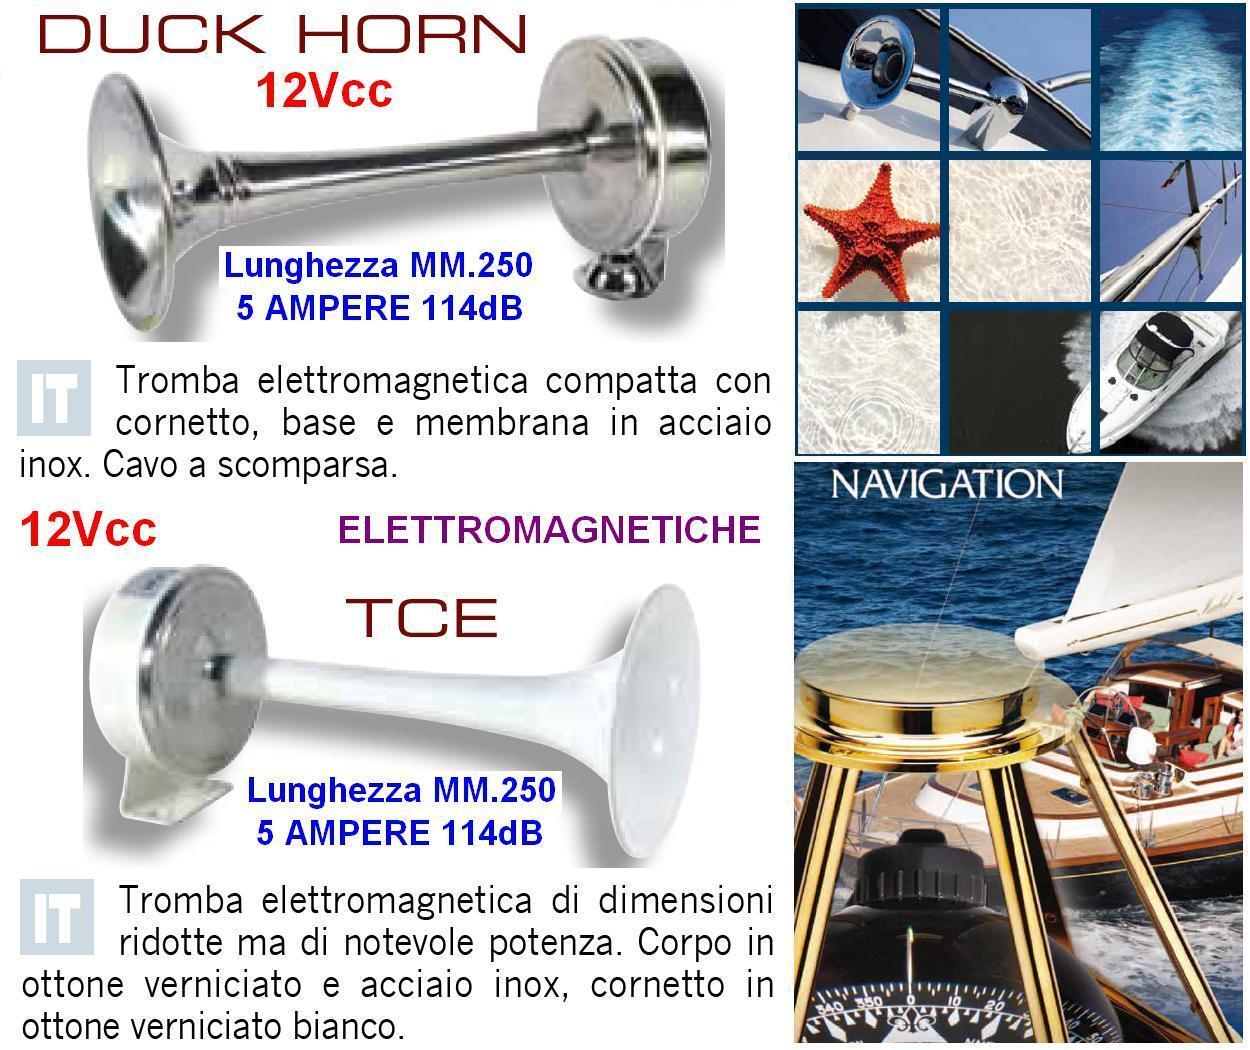 Trompete 12V NAUTICA TCE Messing weiß Cm.25 elektromagnetischen 12V Trompete 114dB Stiefel und 3b1915